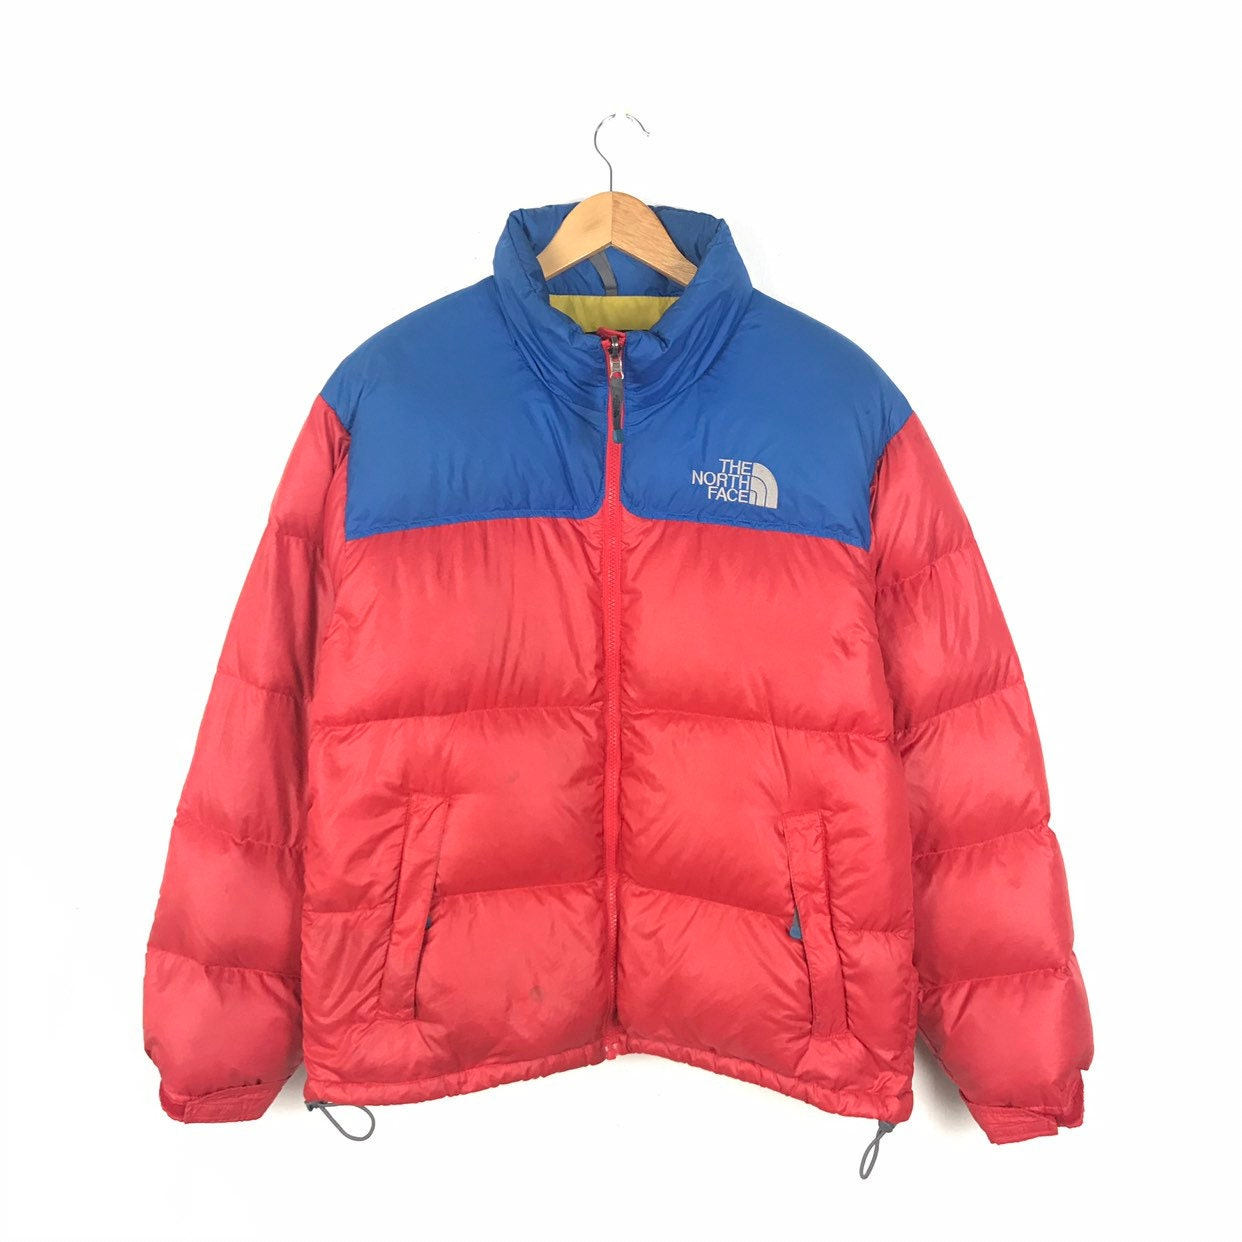 L aérosol-doseur North Face Vintage des couleurs années 90 Nuptse 700  compressible Candy couleurs des (rouge, bleu, jaune)   oie vers le bas de la  taille m ... 79a623d172fa